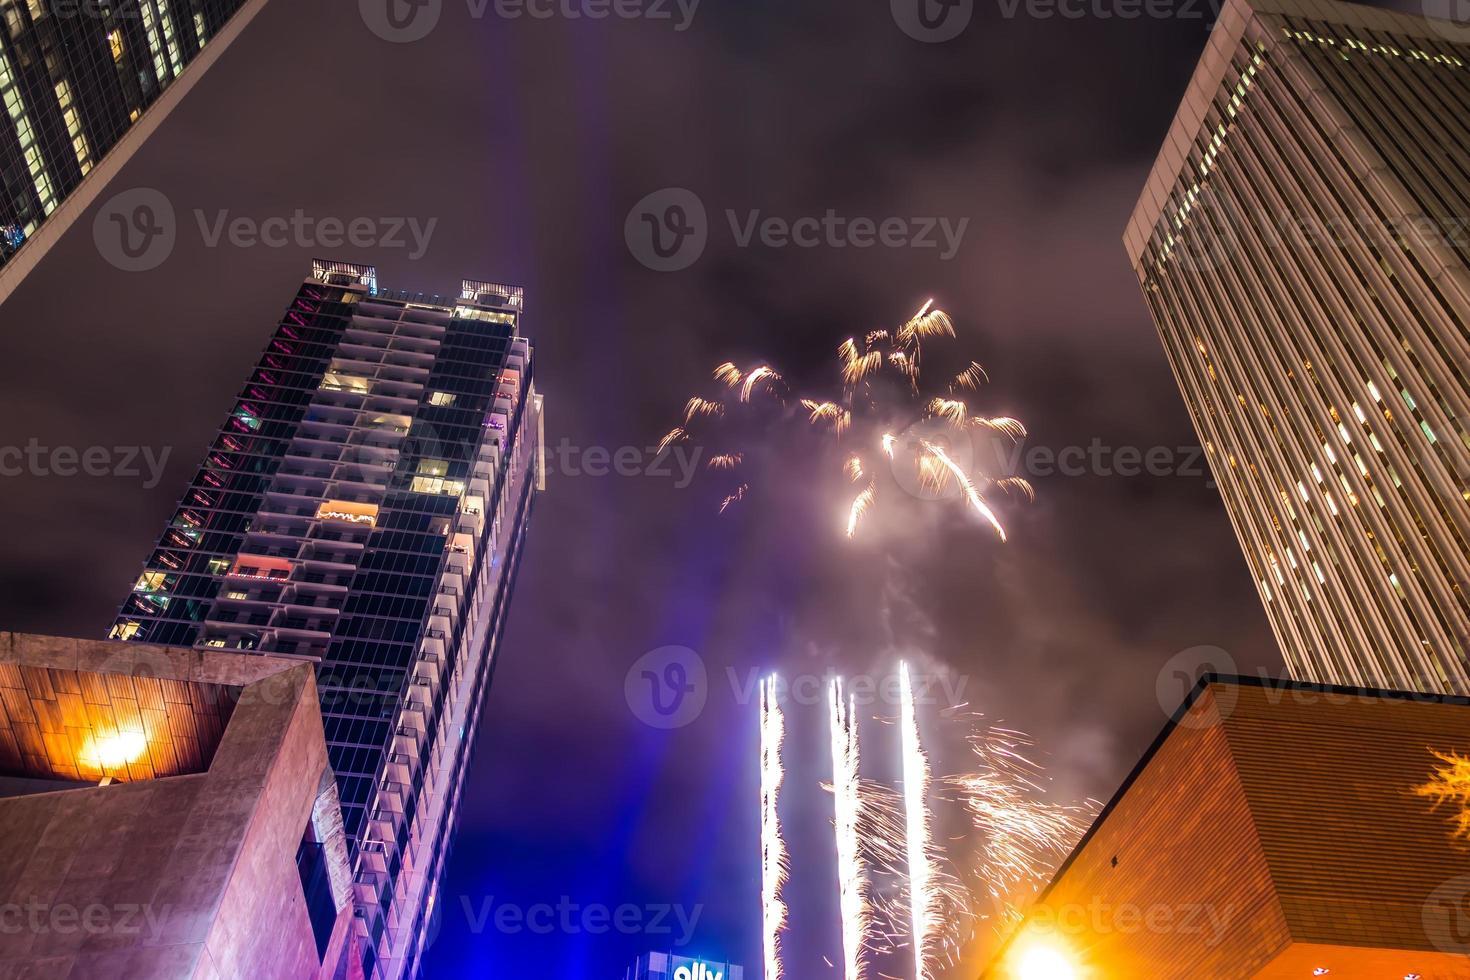 De grandes foules se sont réunies pour célébrer la première nuit du nouvel an à Charlotte nc photo